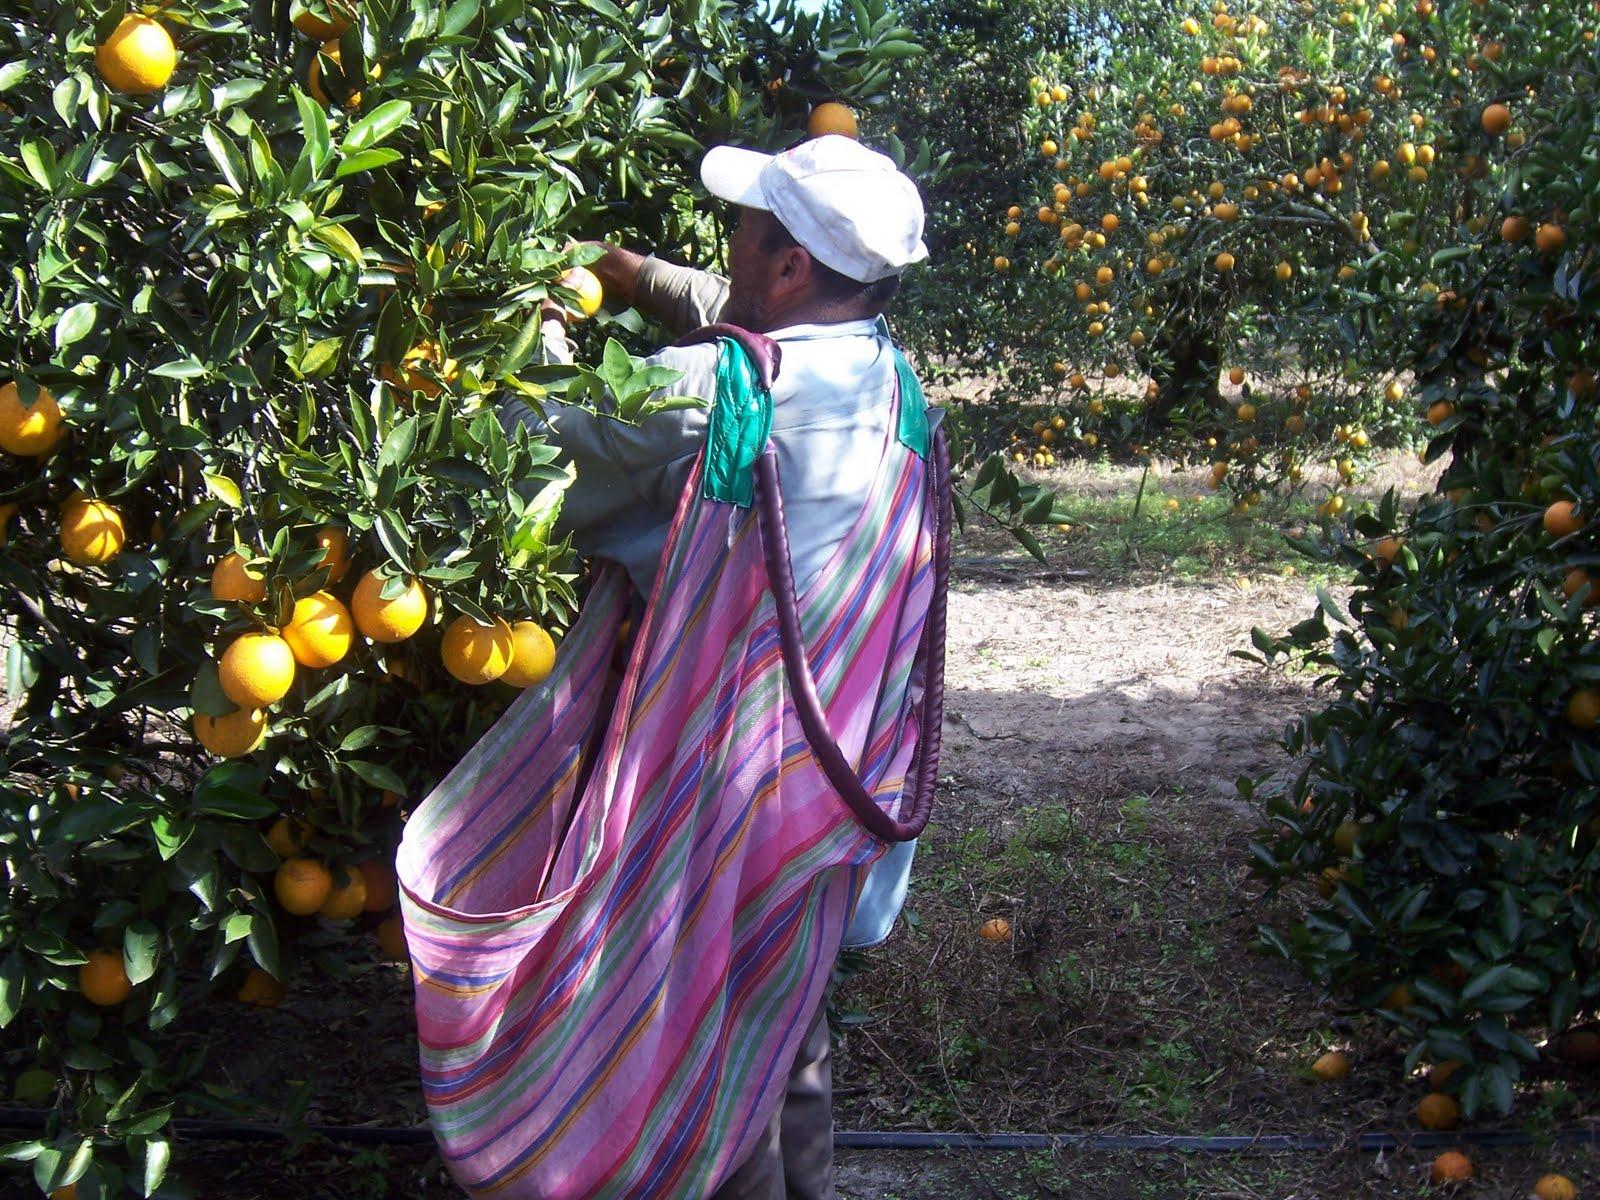 citrus worker